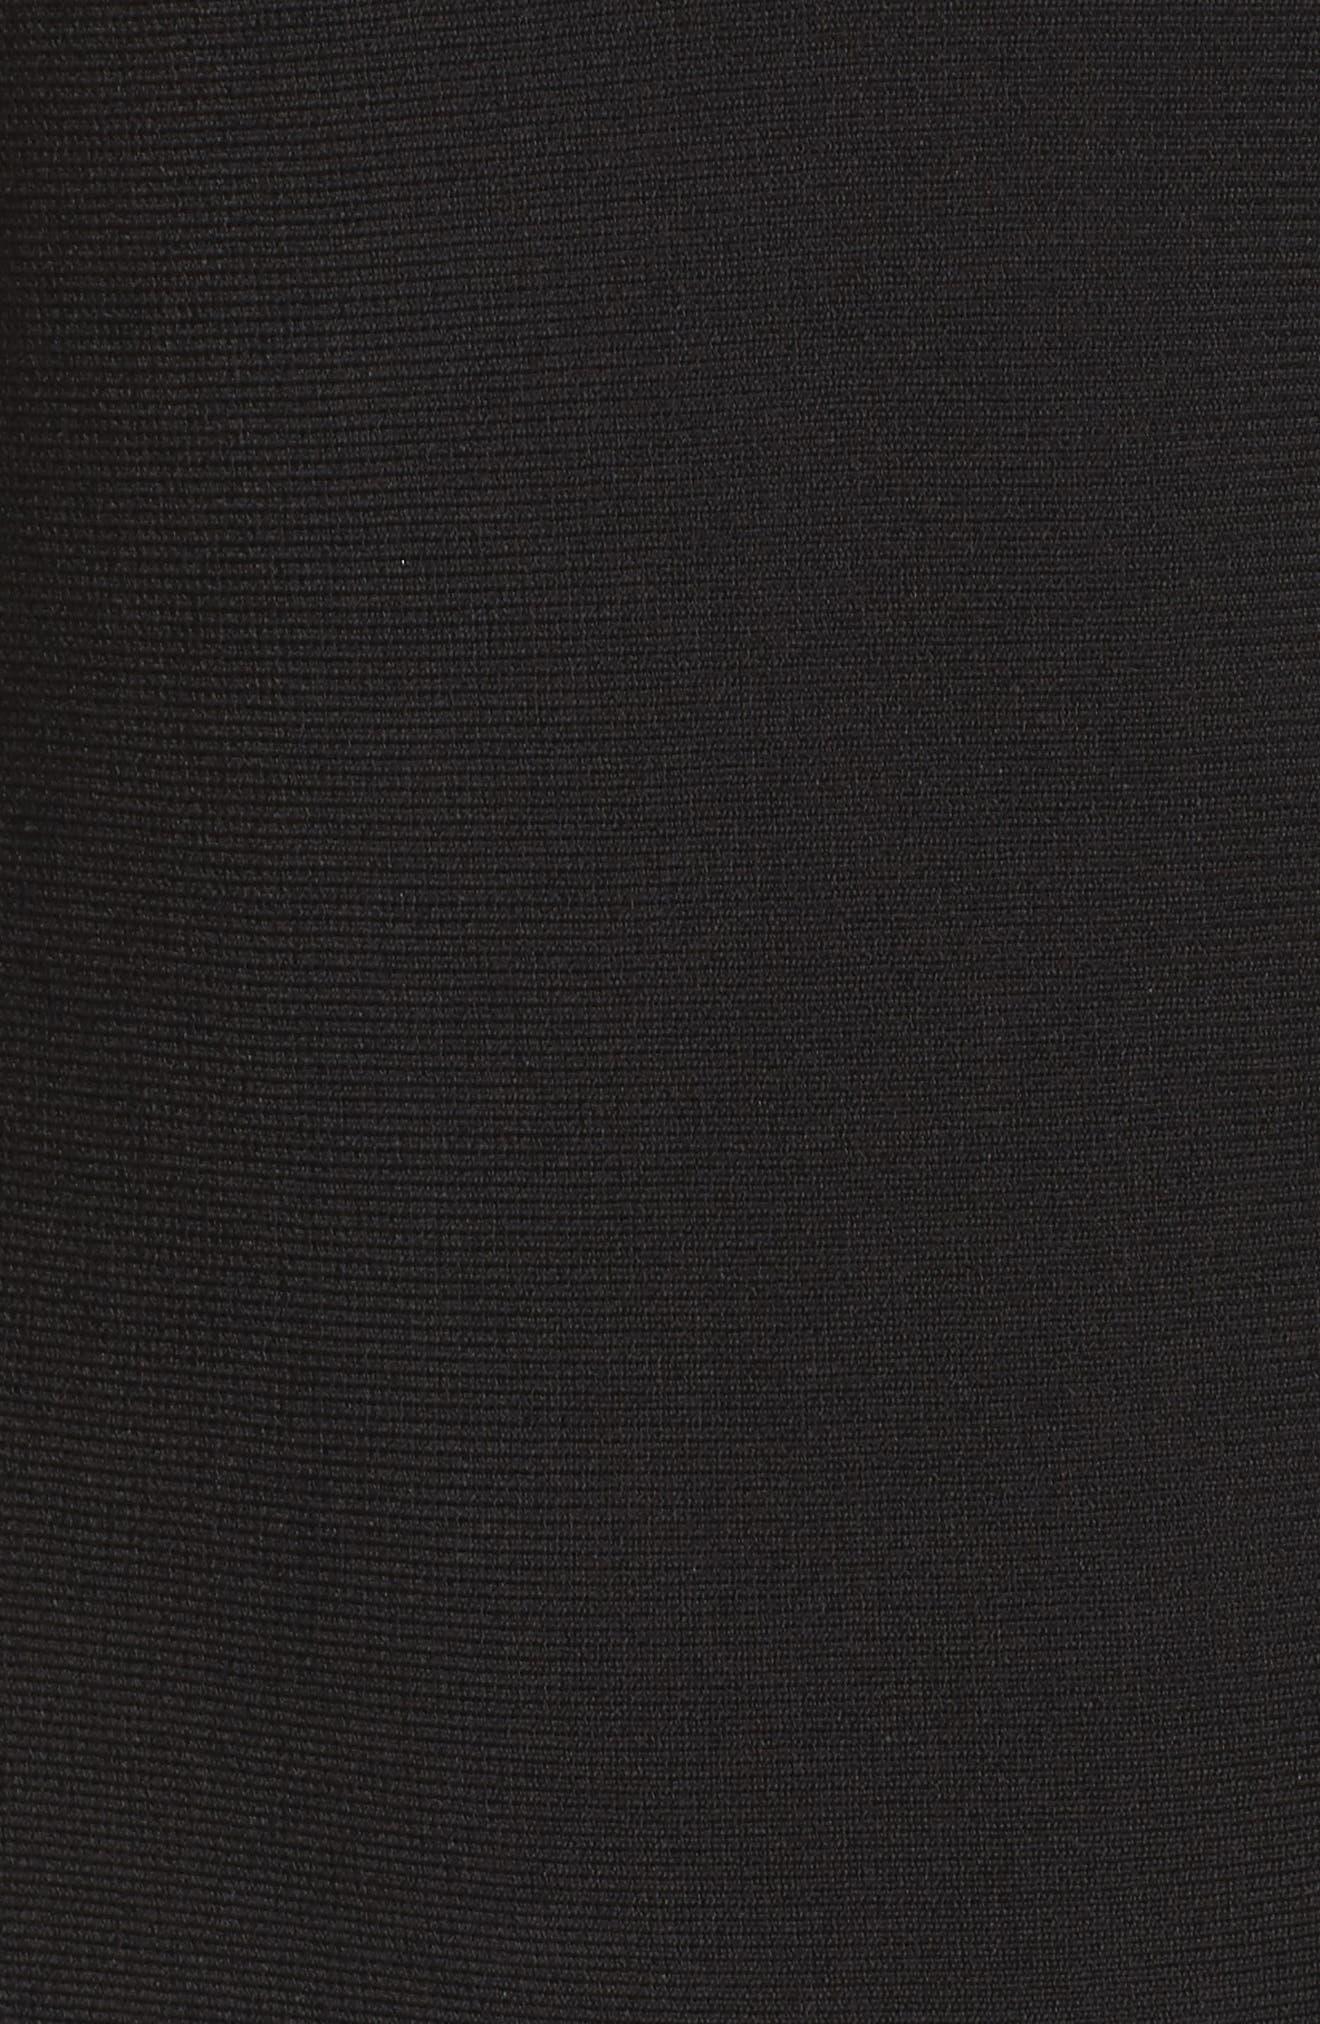 Sequin Midi Dress,                             Alternate thumbnail 5, color,                             Black Onyx